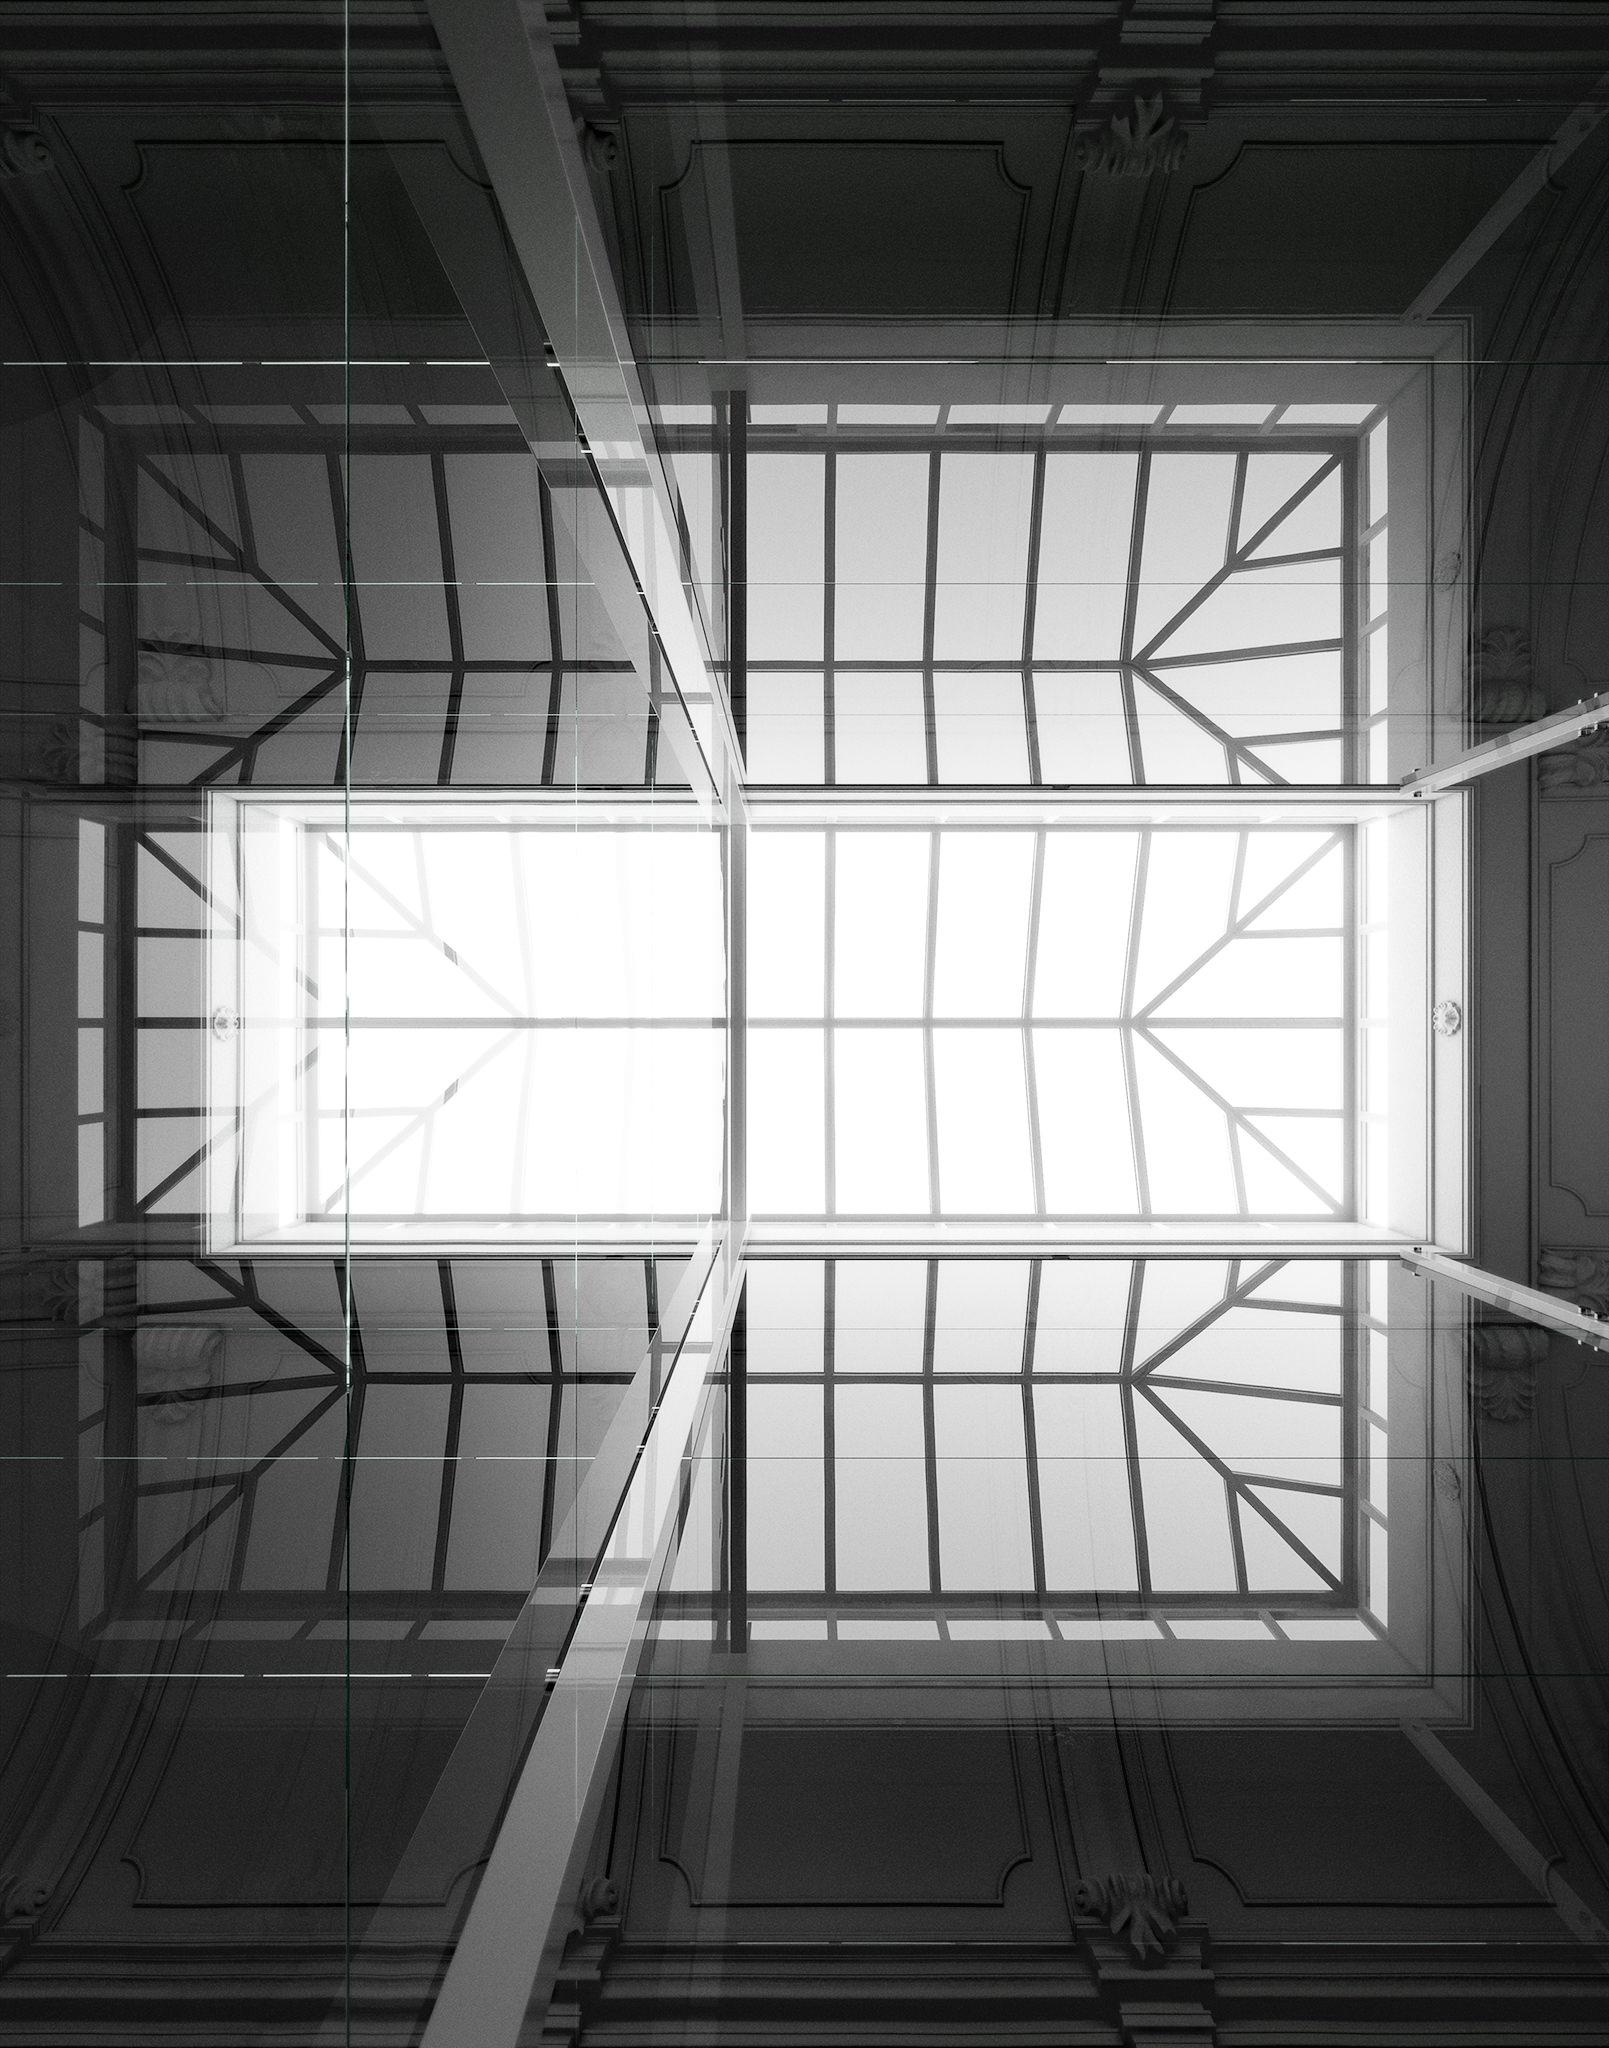 047EL_Skylight.jpg